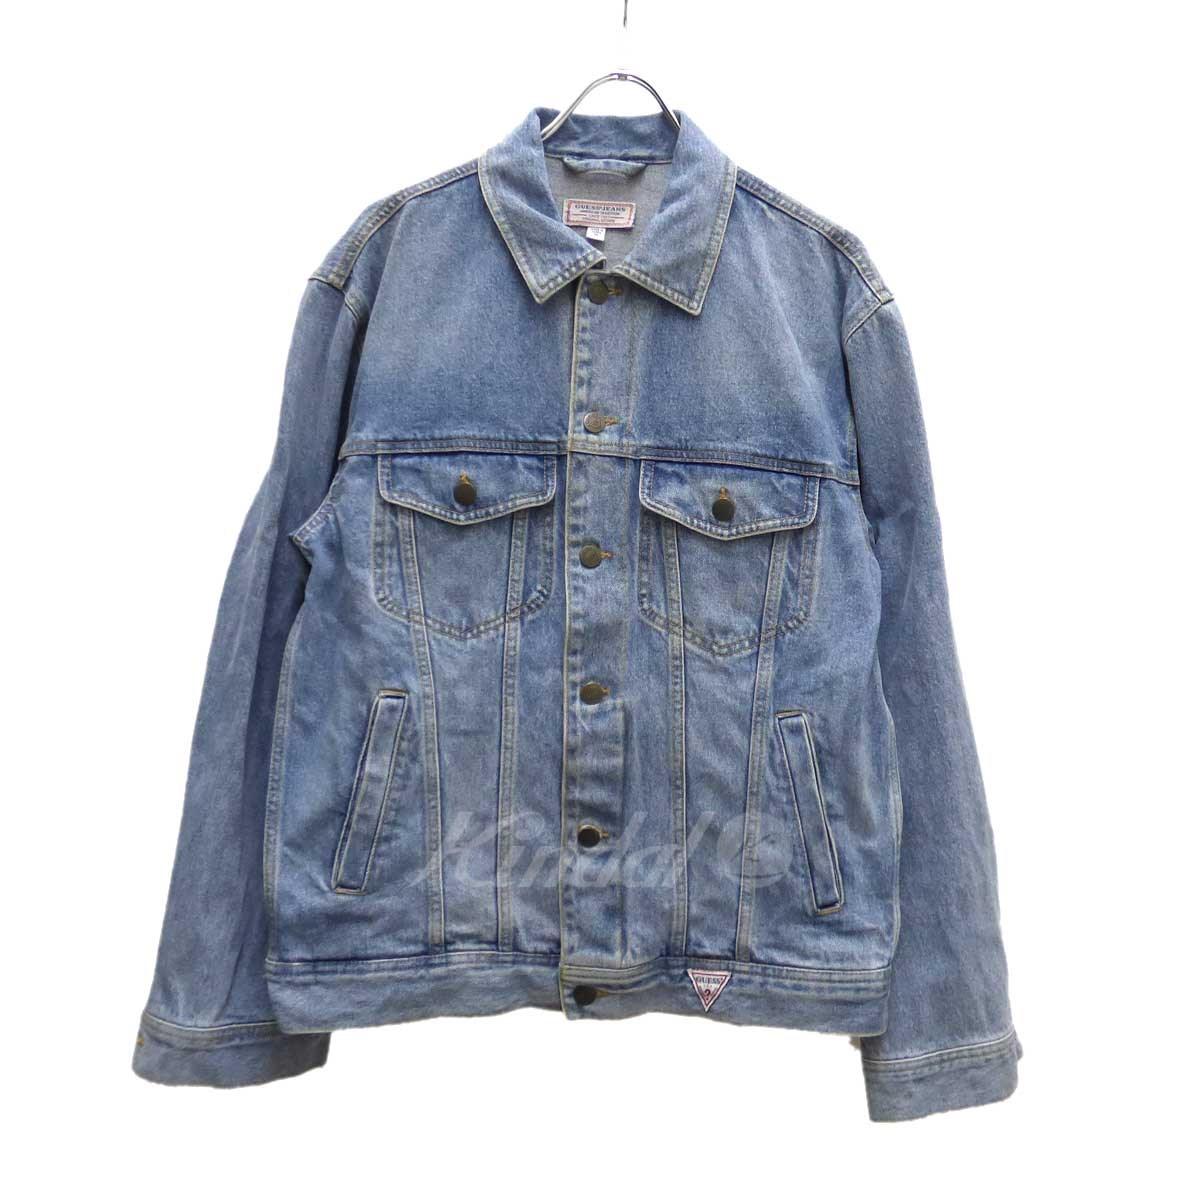 【中古】GUESS デニムジャケット ライトインディゴ サイズ:M 【010220】(ゲス)